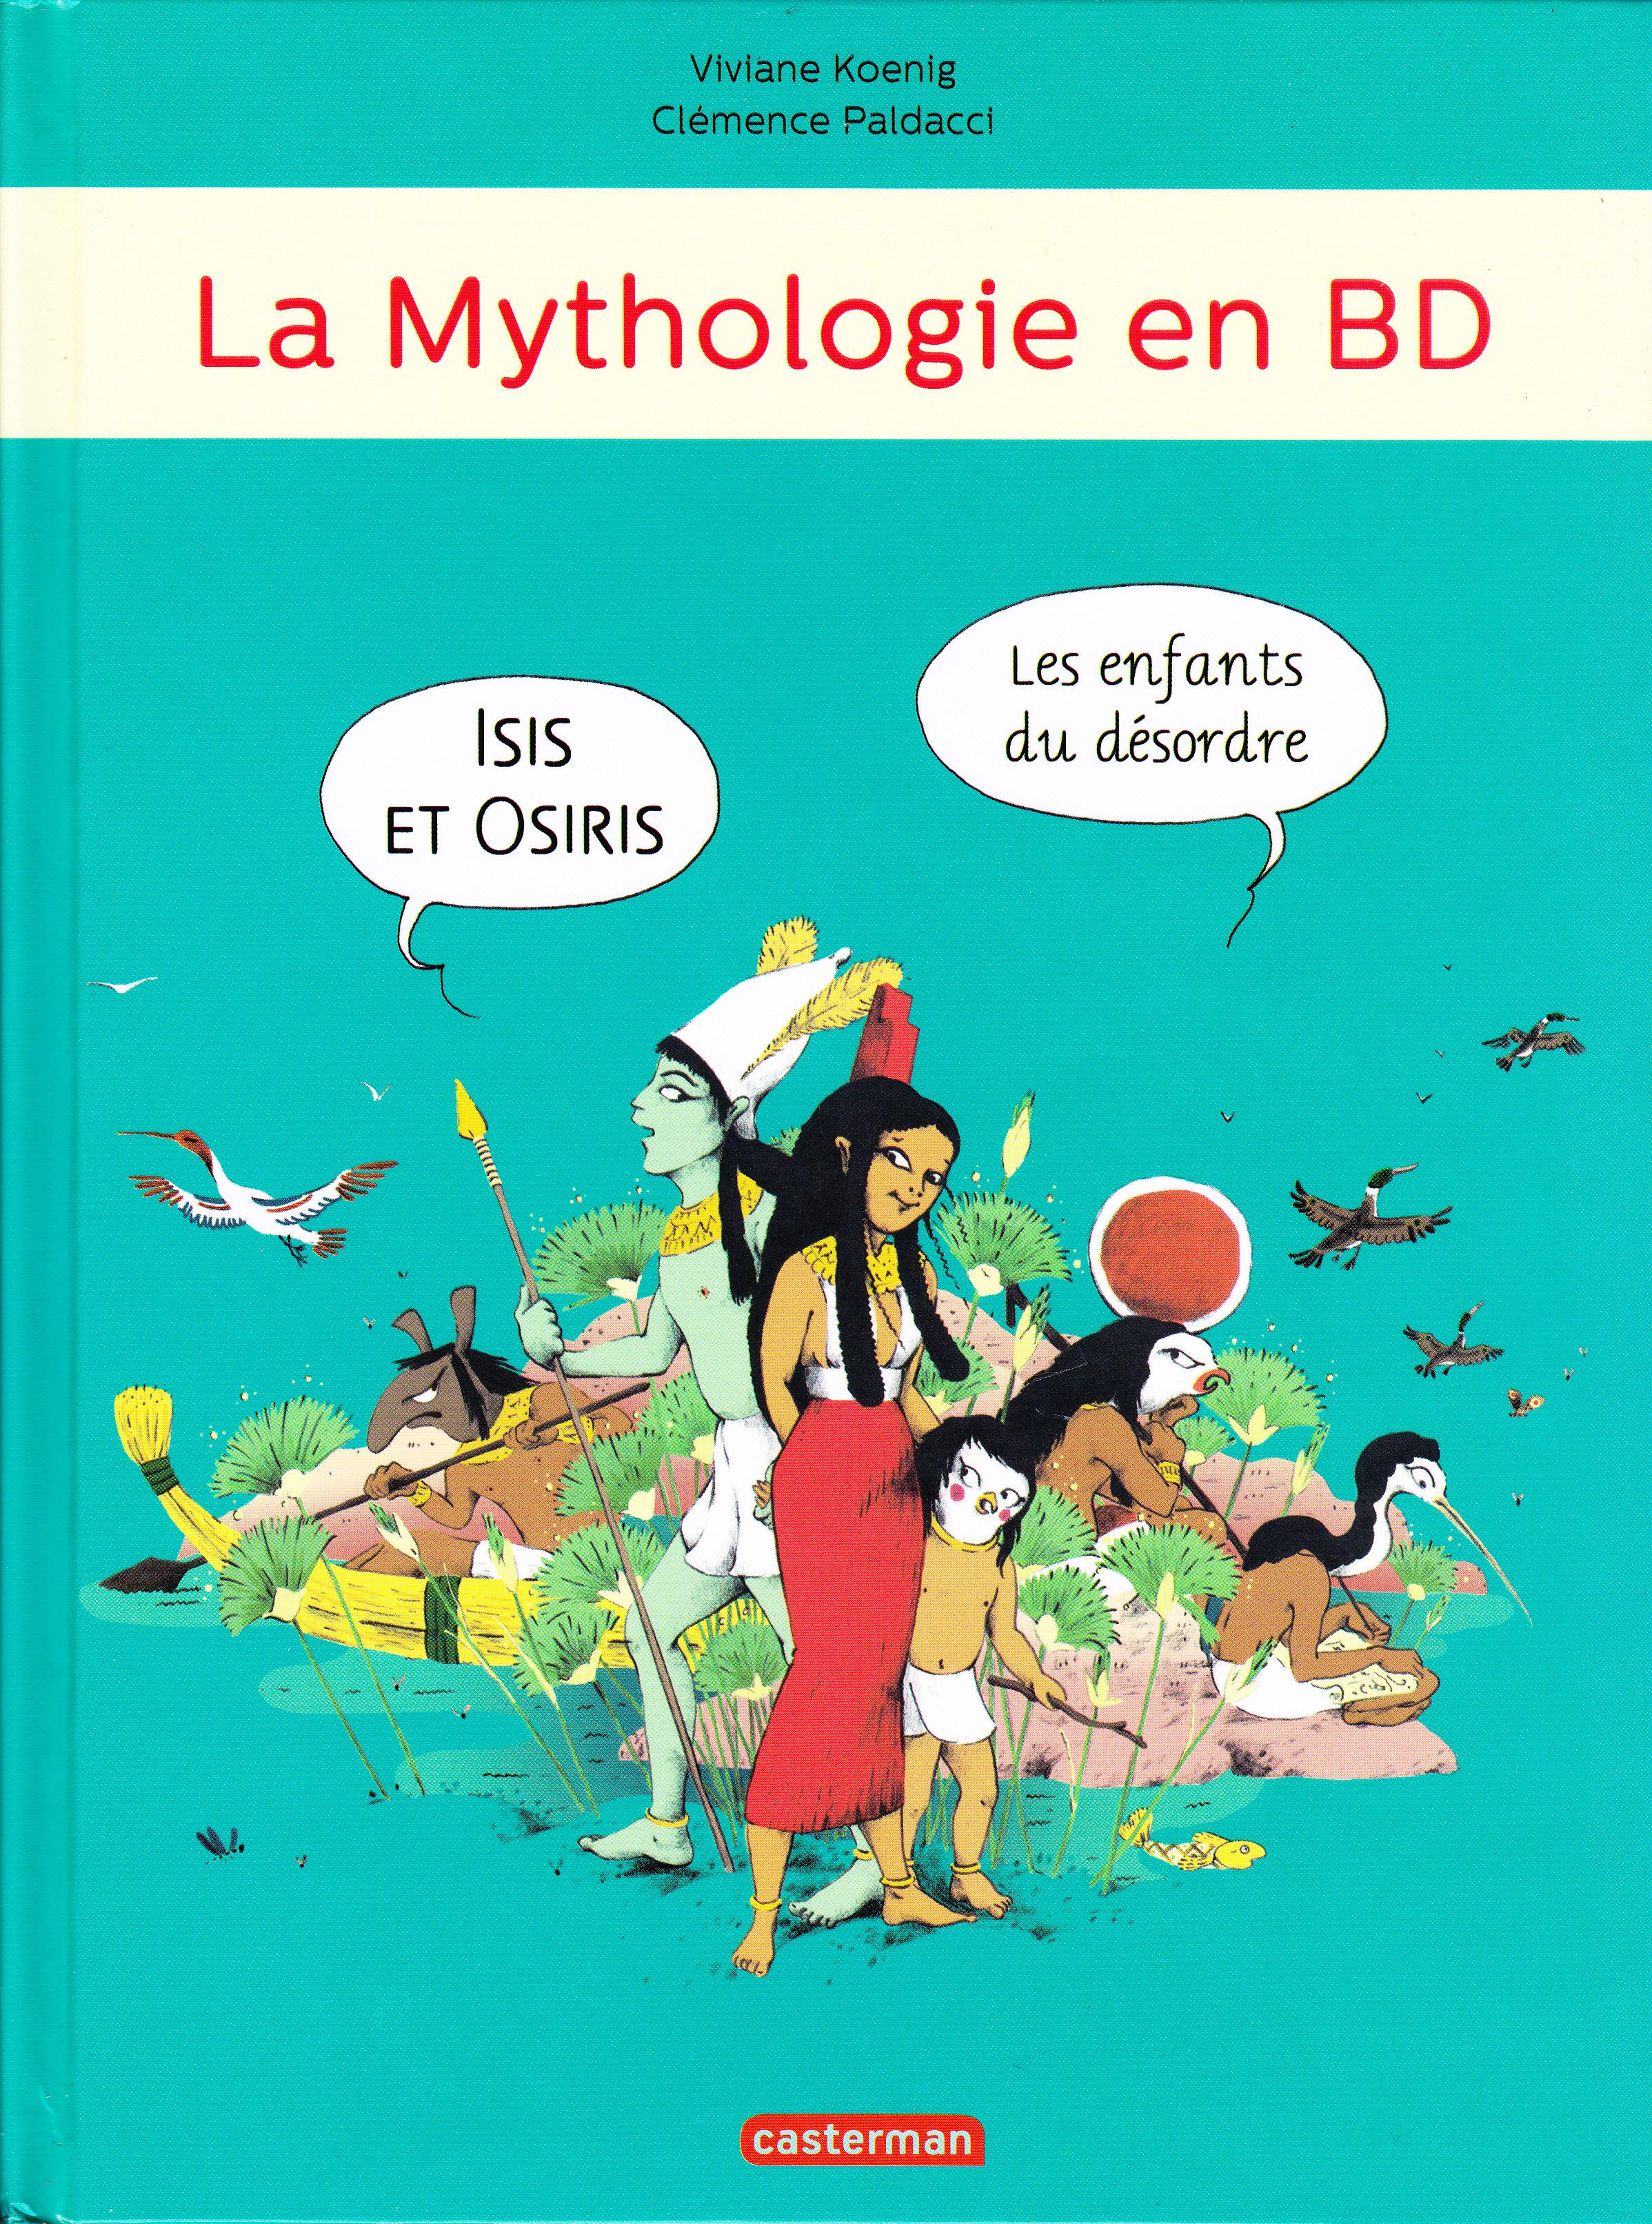 La mythologie en BD Isis et Osiris, les enfants du